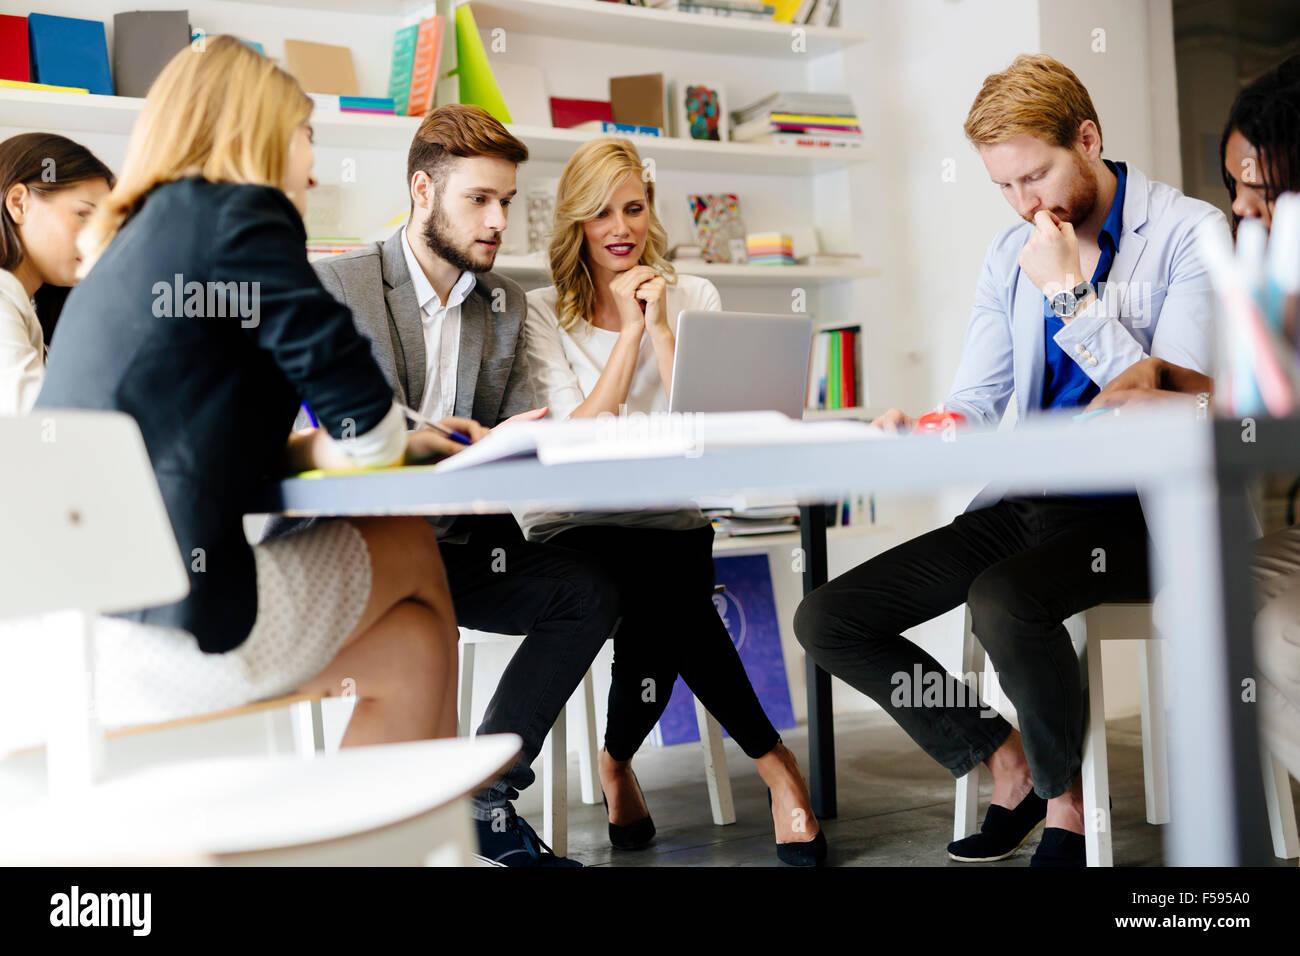 Équipe d'architectes et designer de discuter les plans pour l'avenir Photo Stock